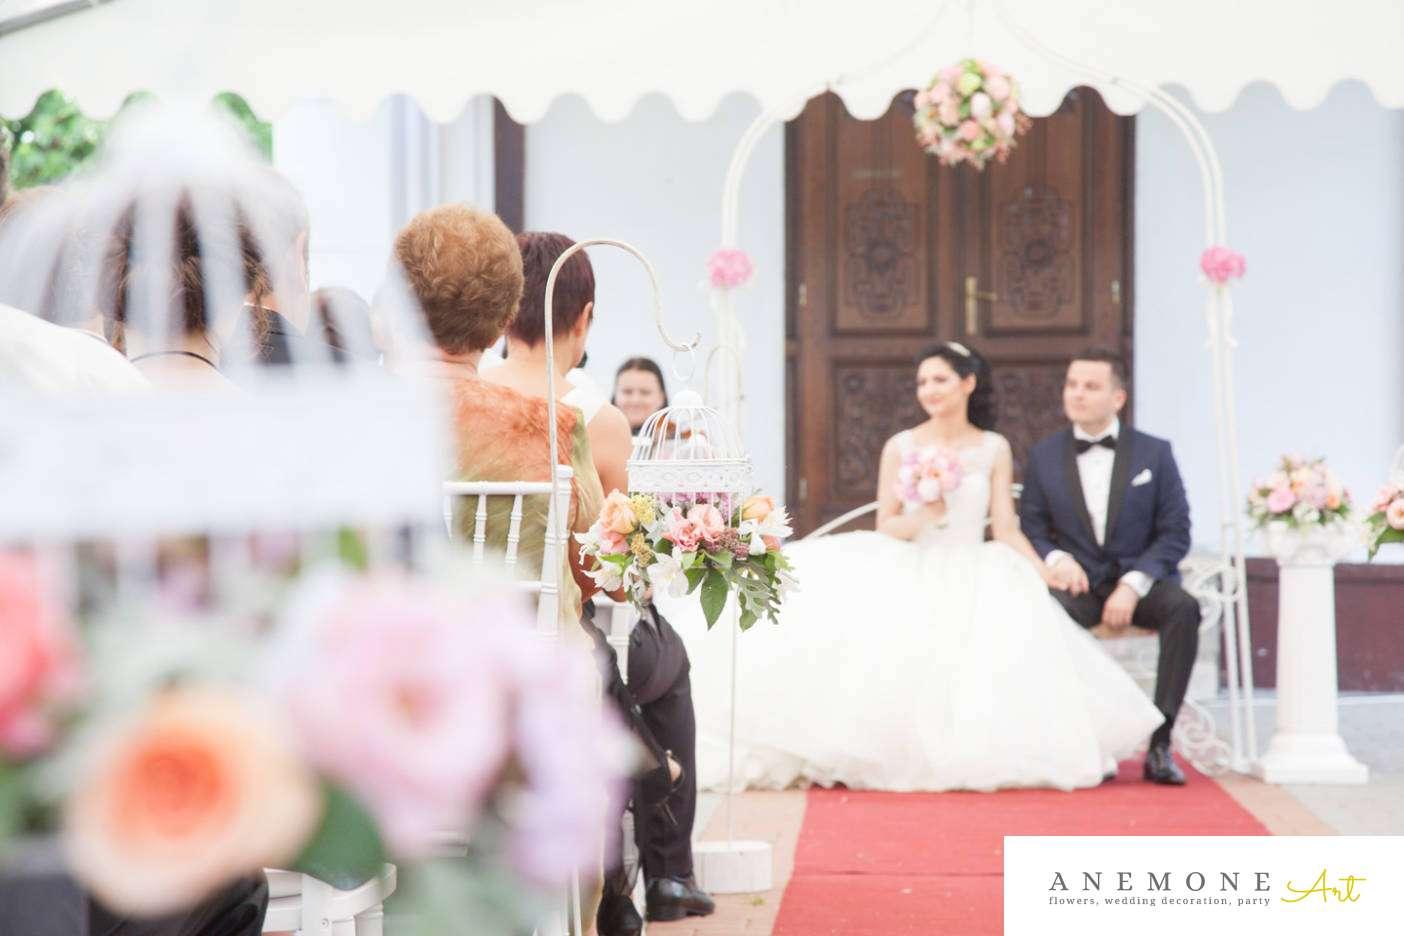 Poza, foto cu Flori de nunta colivie, decor biserica in Arad, Timisoara, Oradea (wedding flowers, bouquets) nunta Arad, Timisoara, Oradea